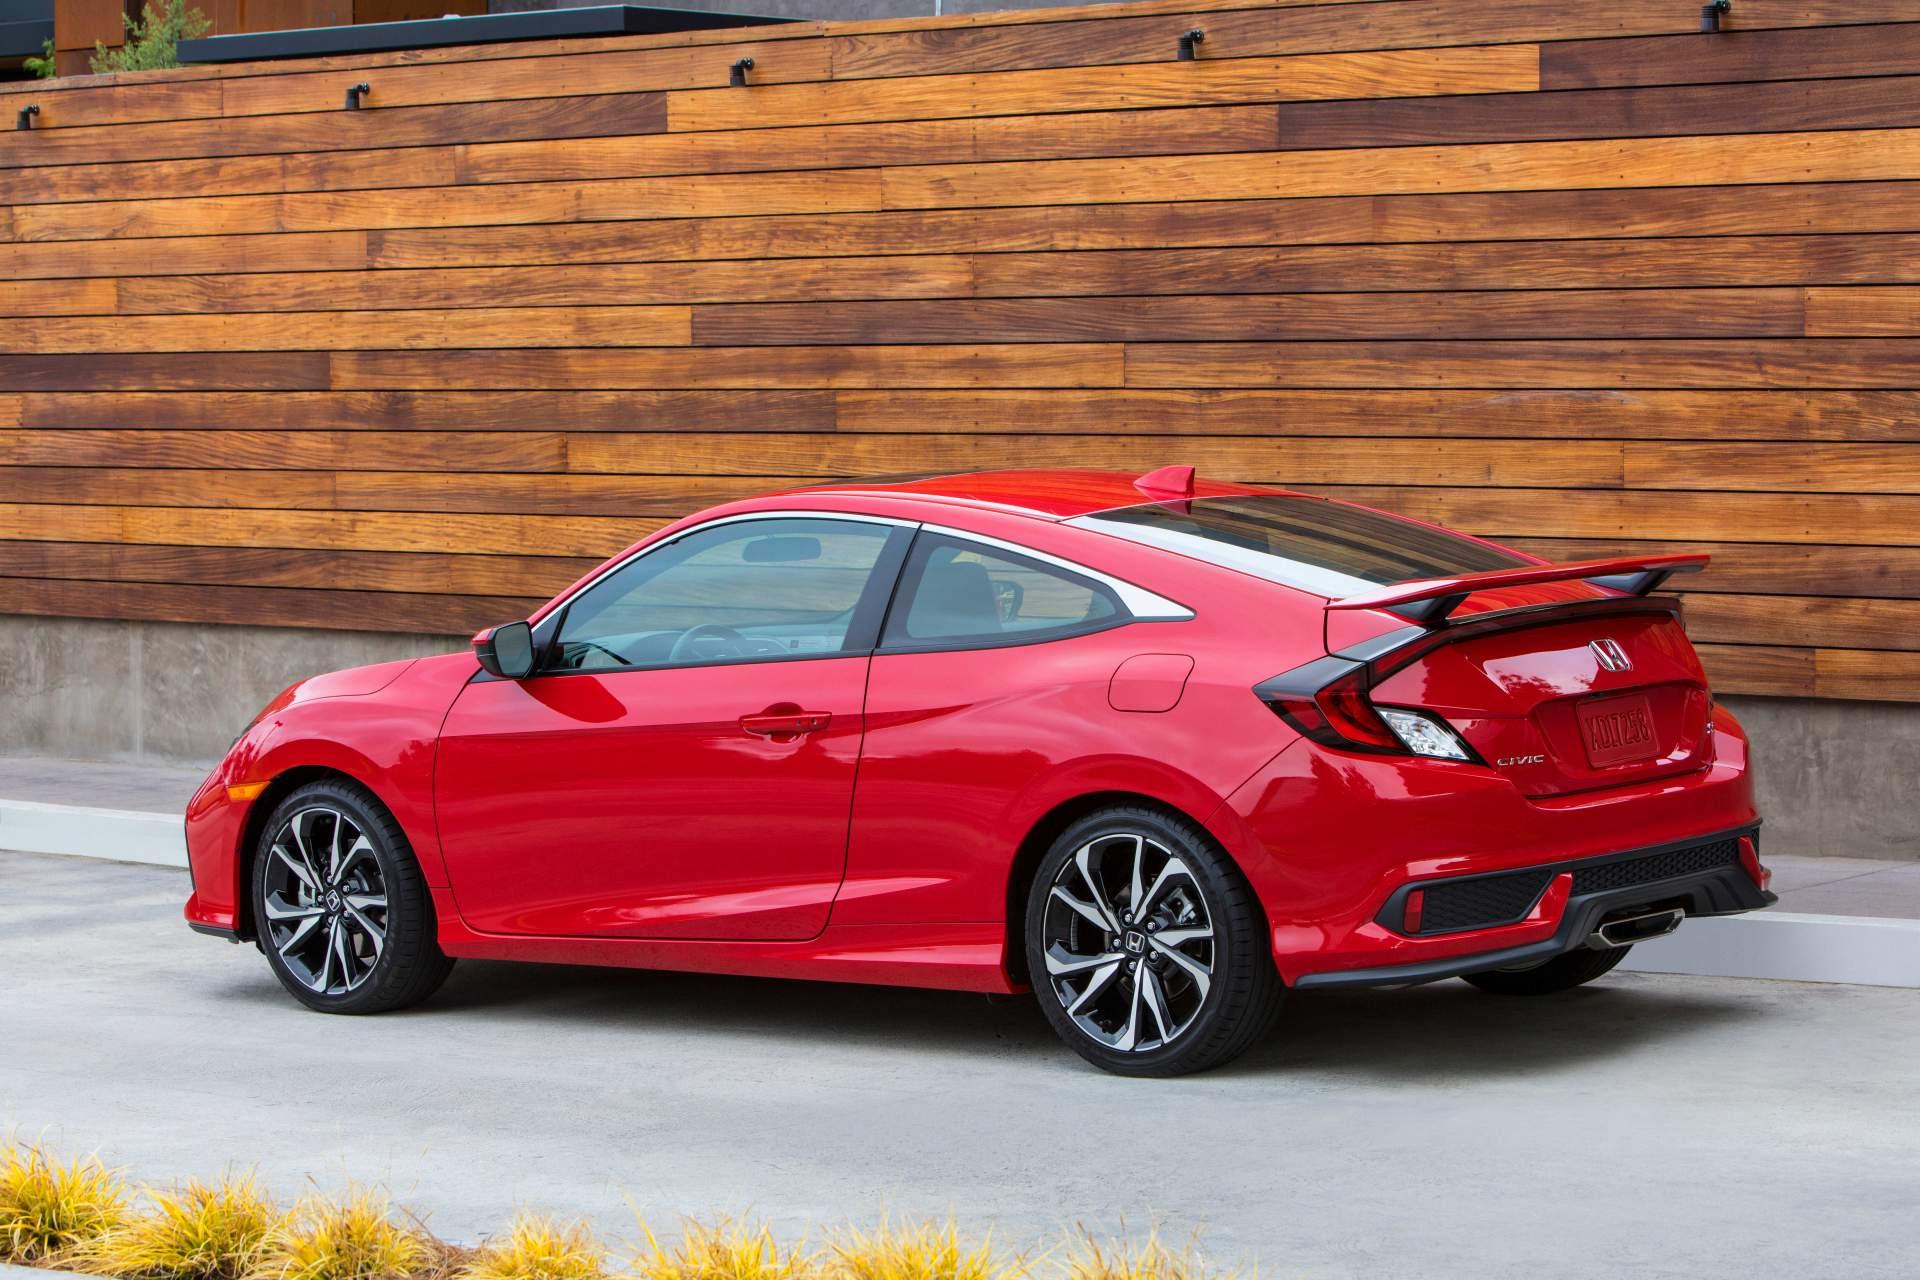 2019 honda civic si arriving at dealerships this november for Honda civic si automatic